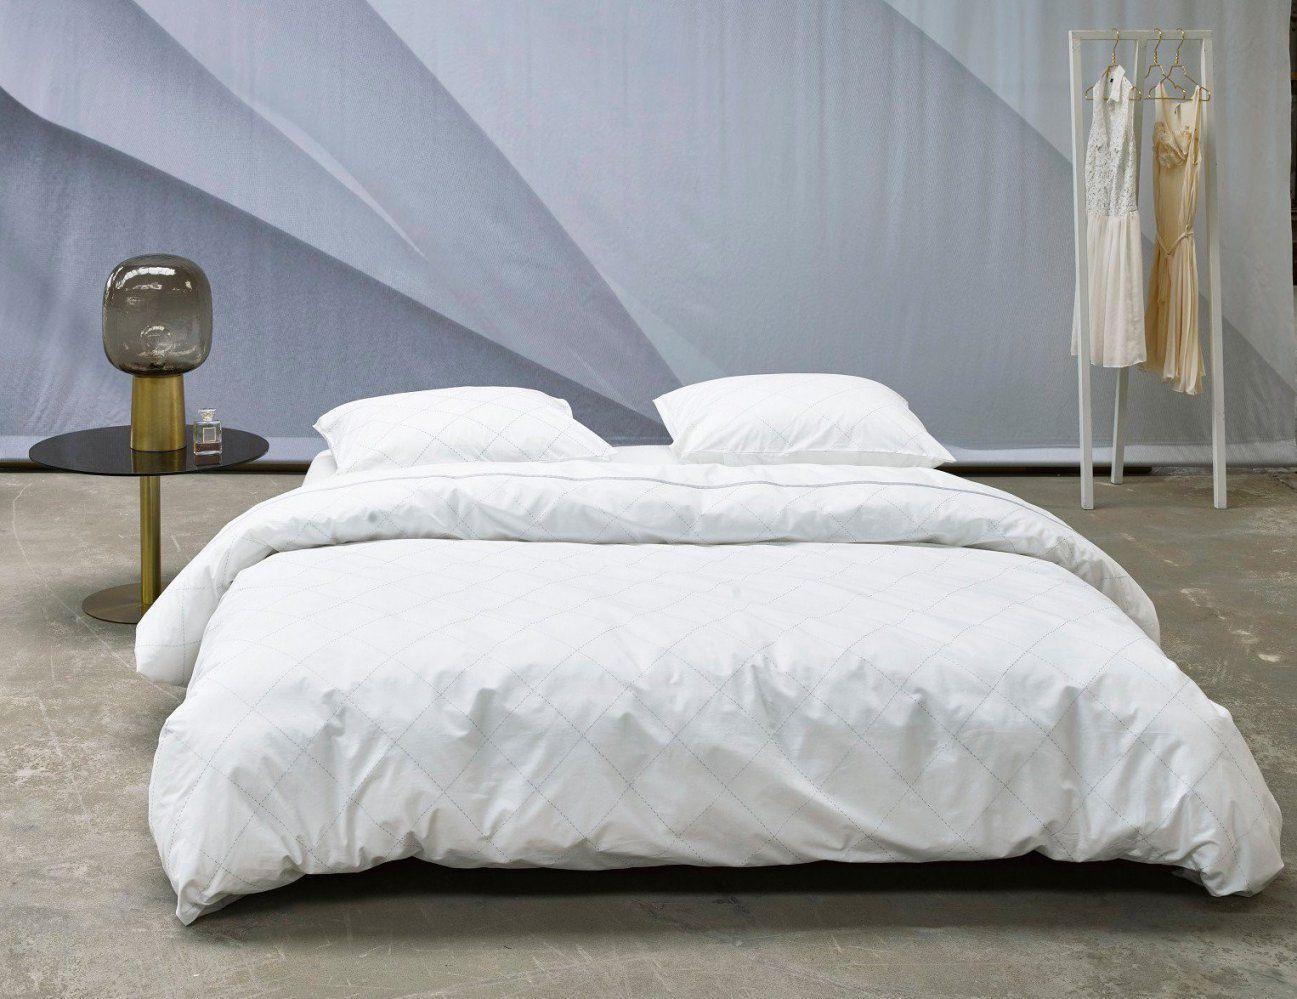 Bettwäsche Weiss  Flexoop von Bettwäsche Weiß Rüschen Bild